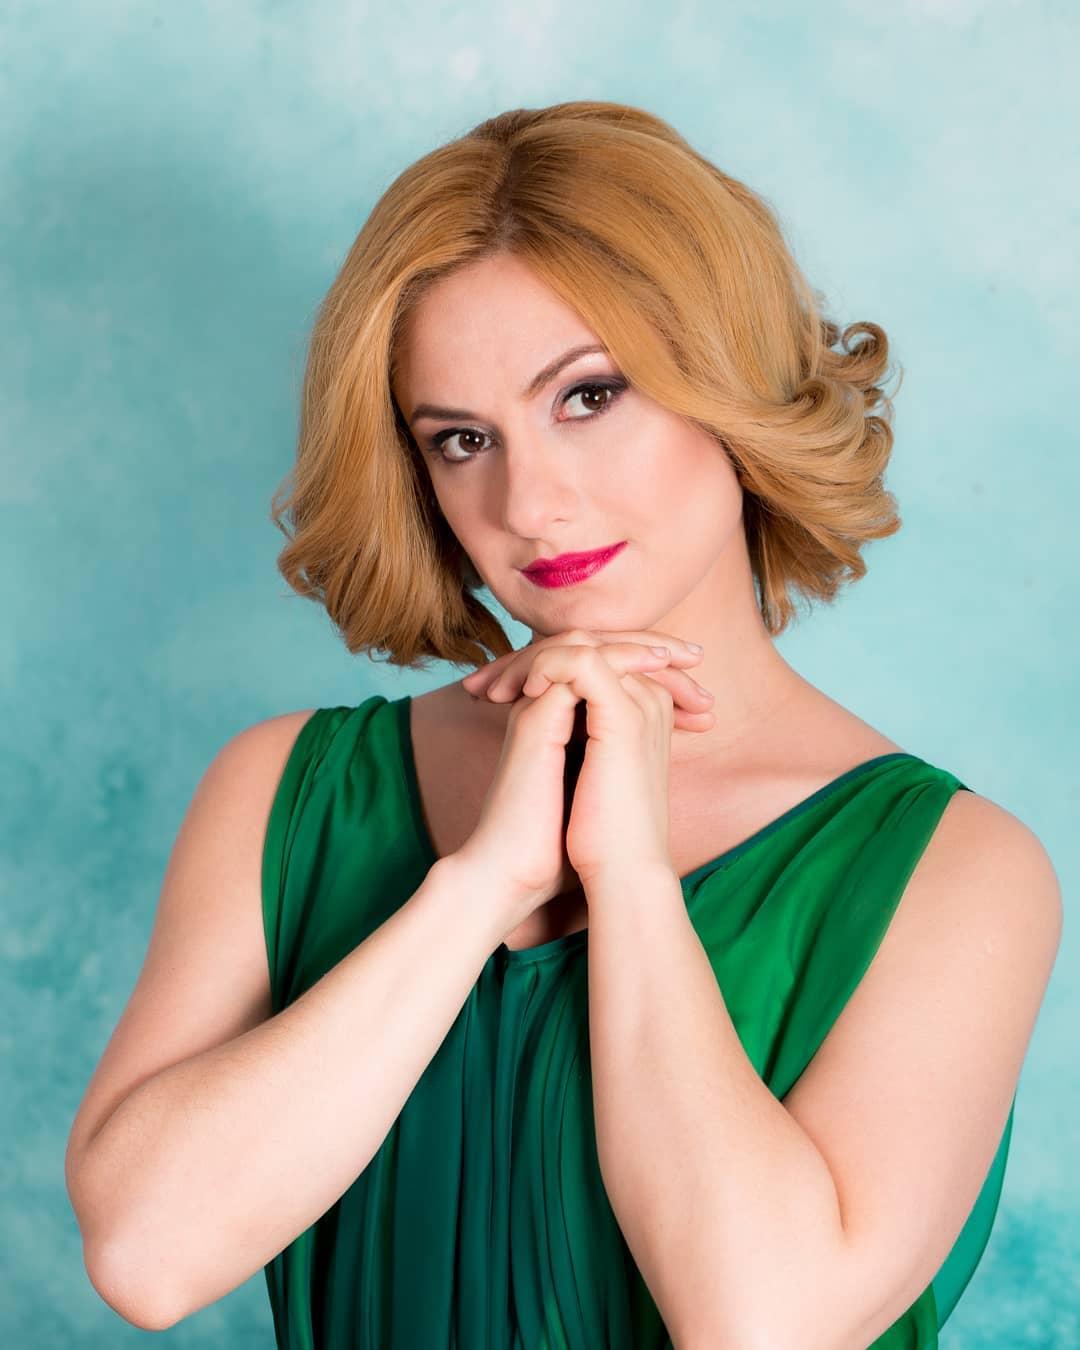 Карина Мишулина не в силах забыть про скандал с Тимуром Еремеевым даже на празднике у друзей